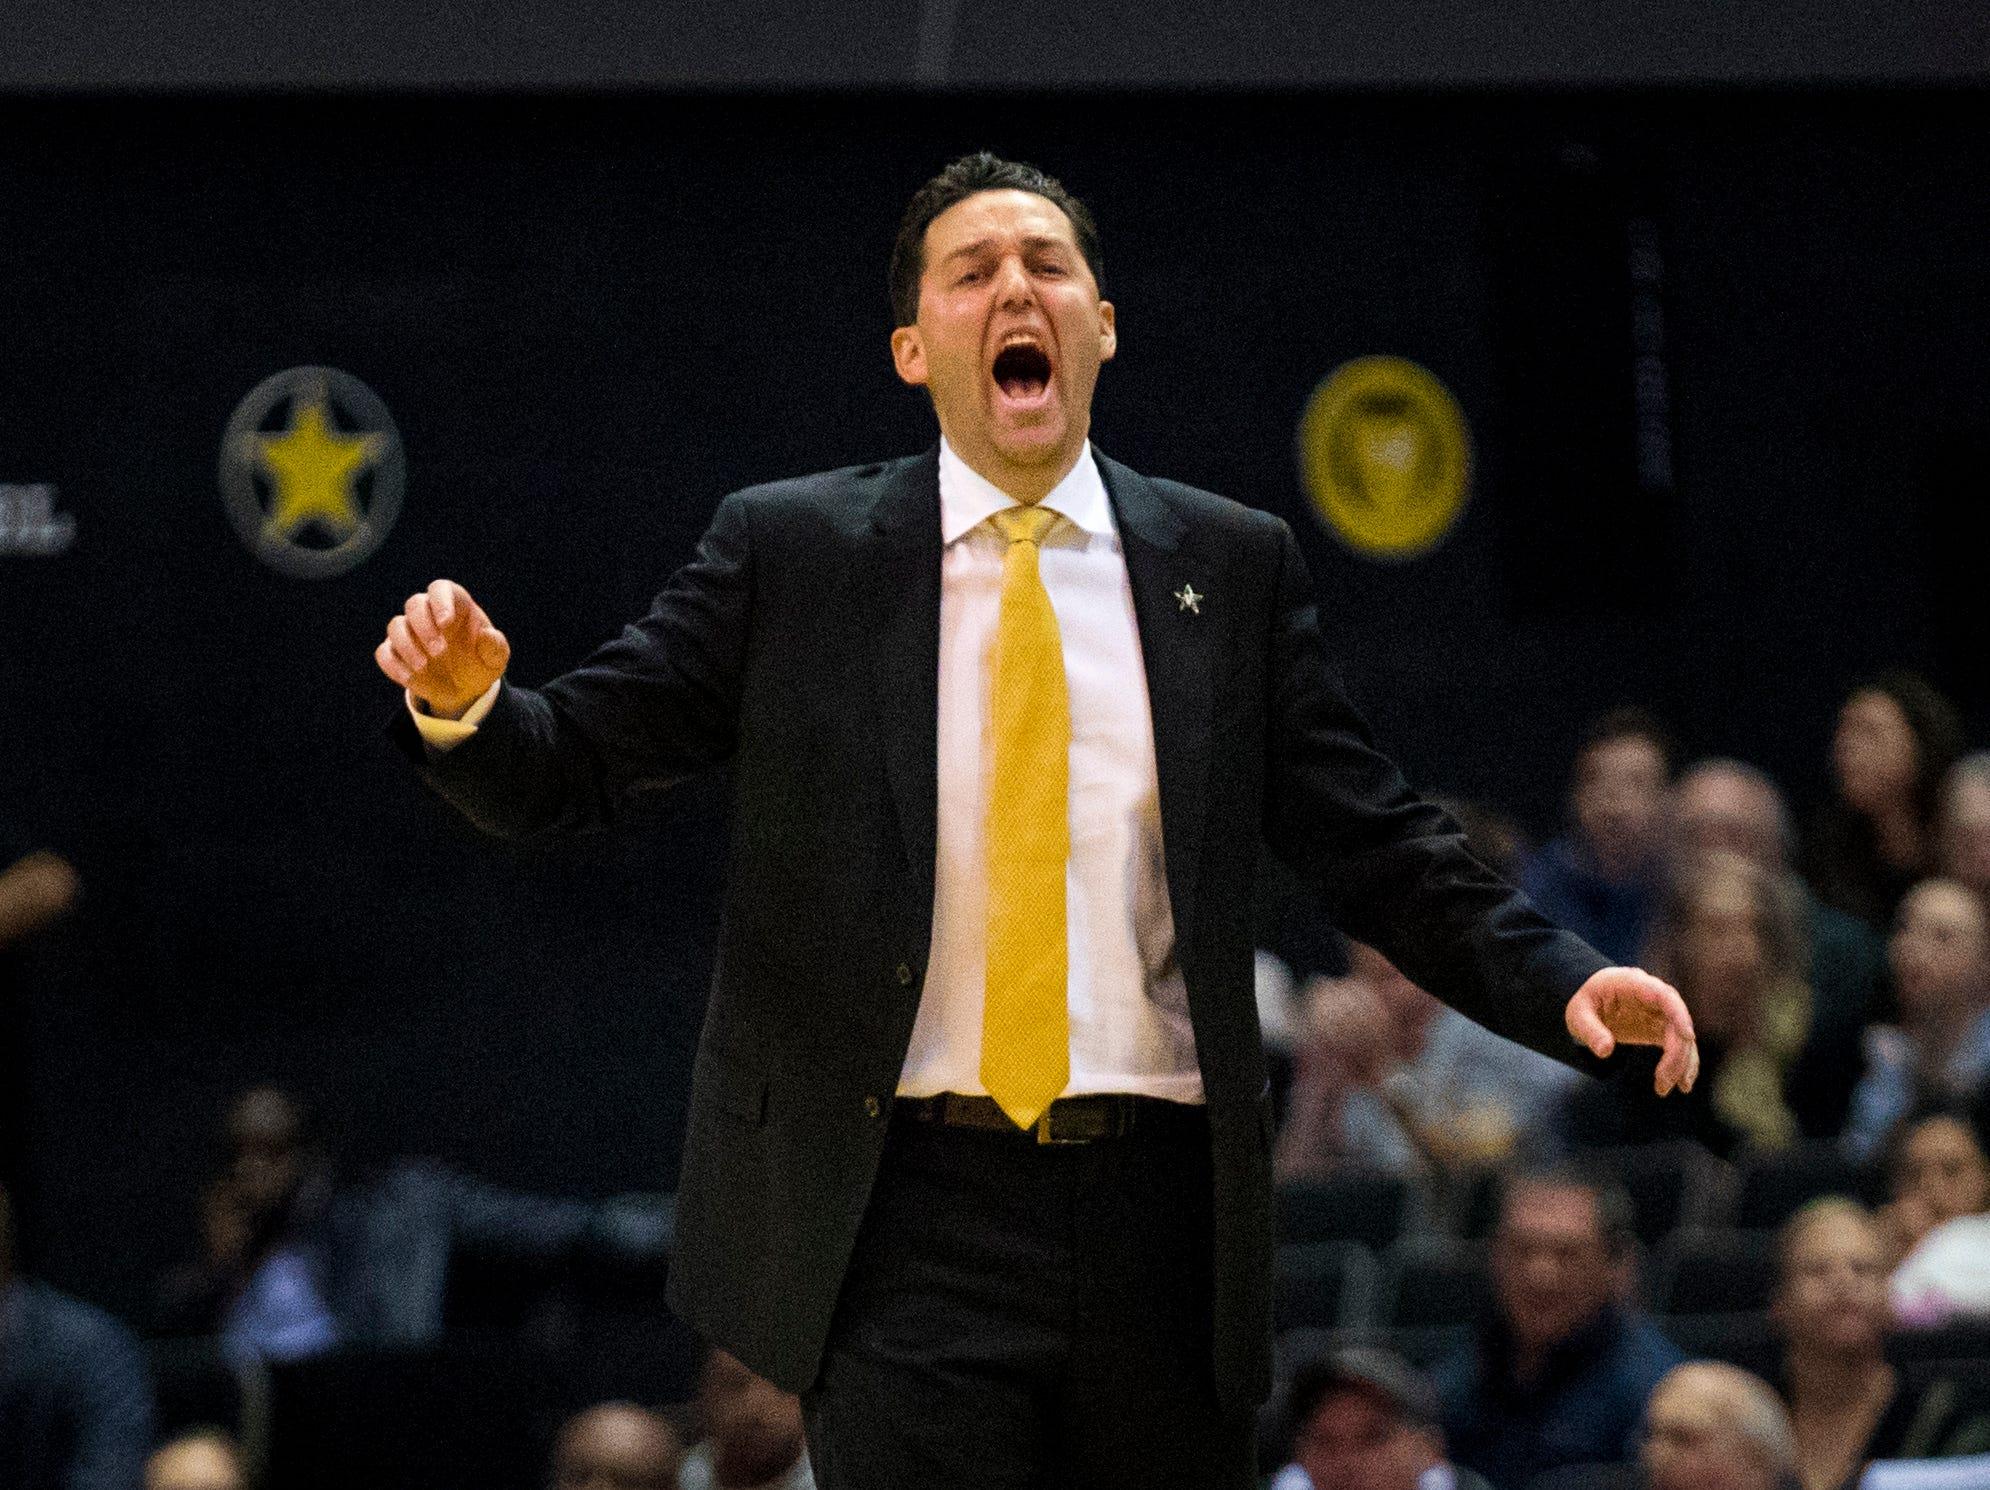 Vanderbilt's head coach Bryce Drew yells during Vanderbilt's game against Winthrop at Memorial Gymnasium in Nashville on Tuesday, Nov. 6, 2018.